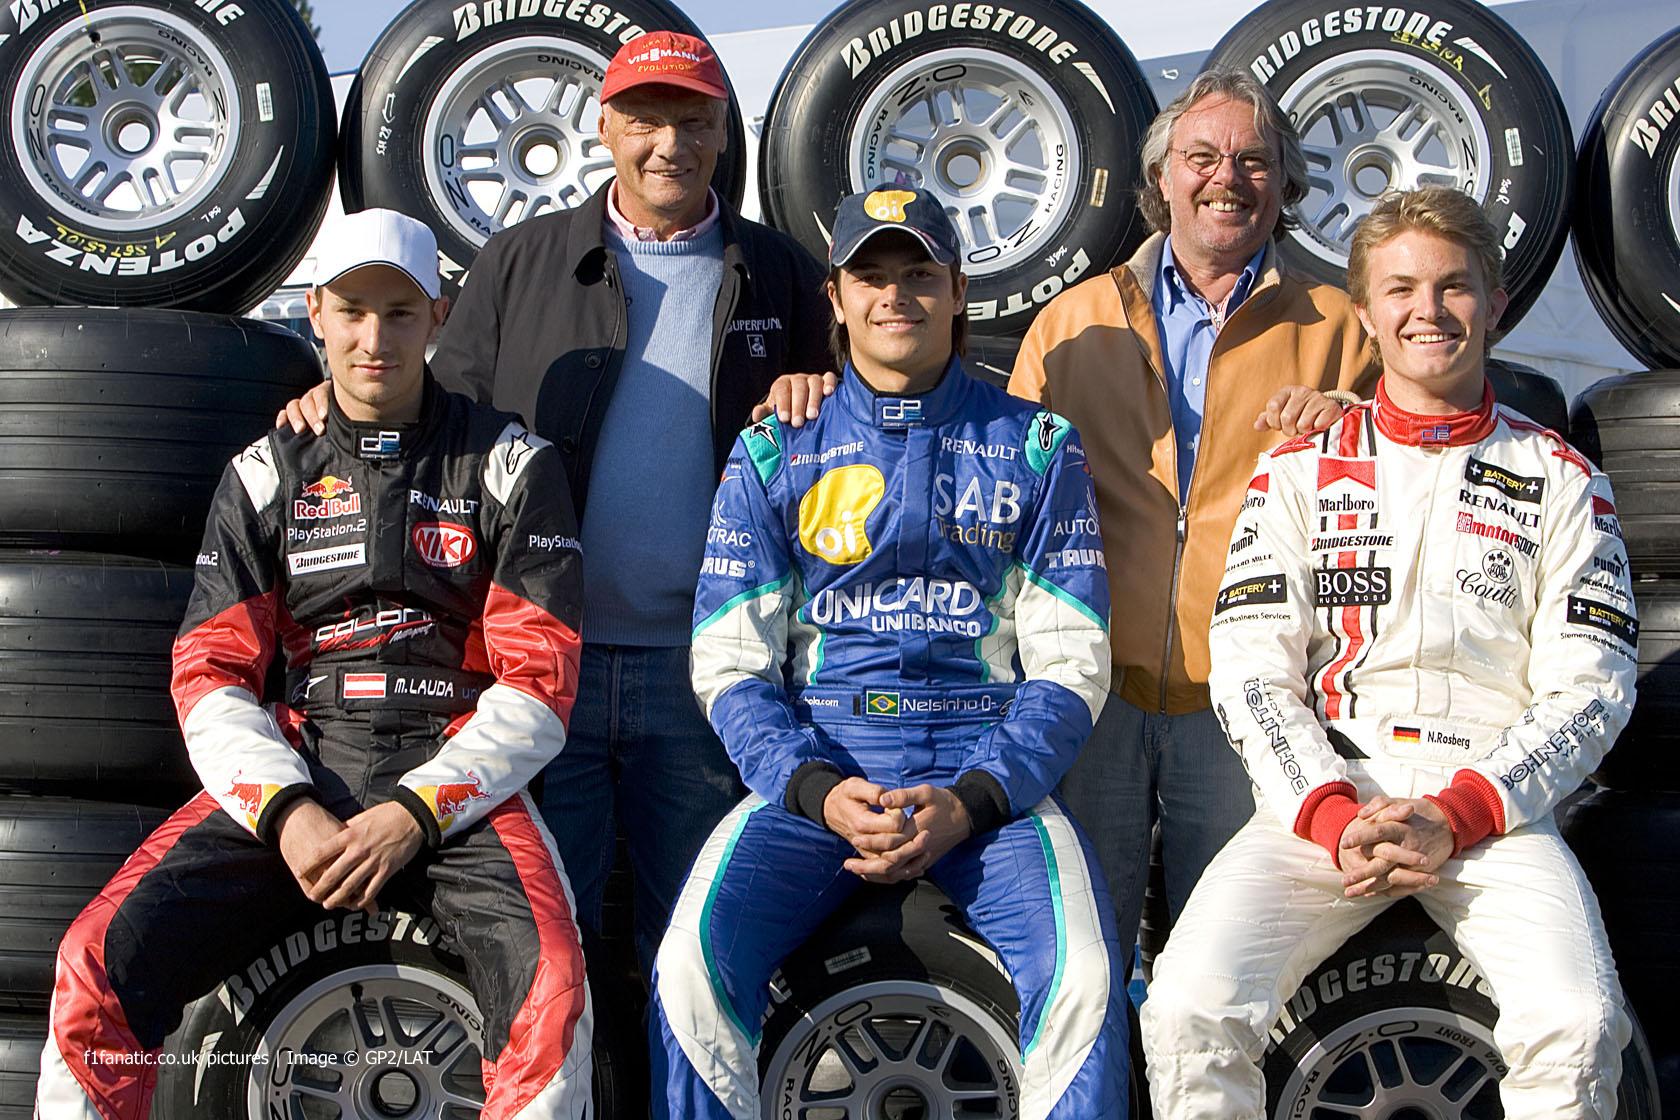 Mathias Lauda, Nelson Piquet Jnr, Nico Rosberg, GP2, Imola, 2005